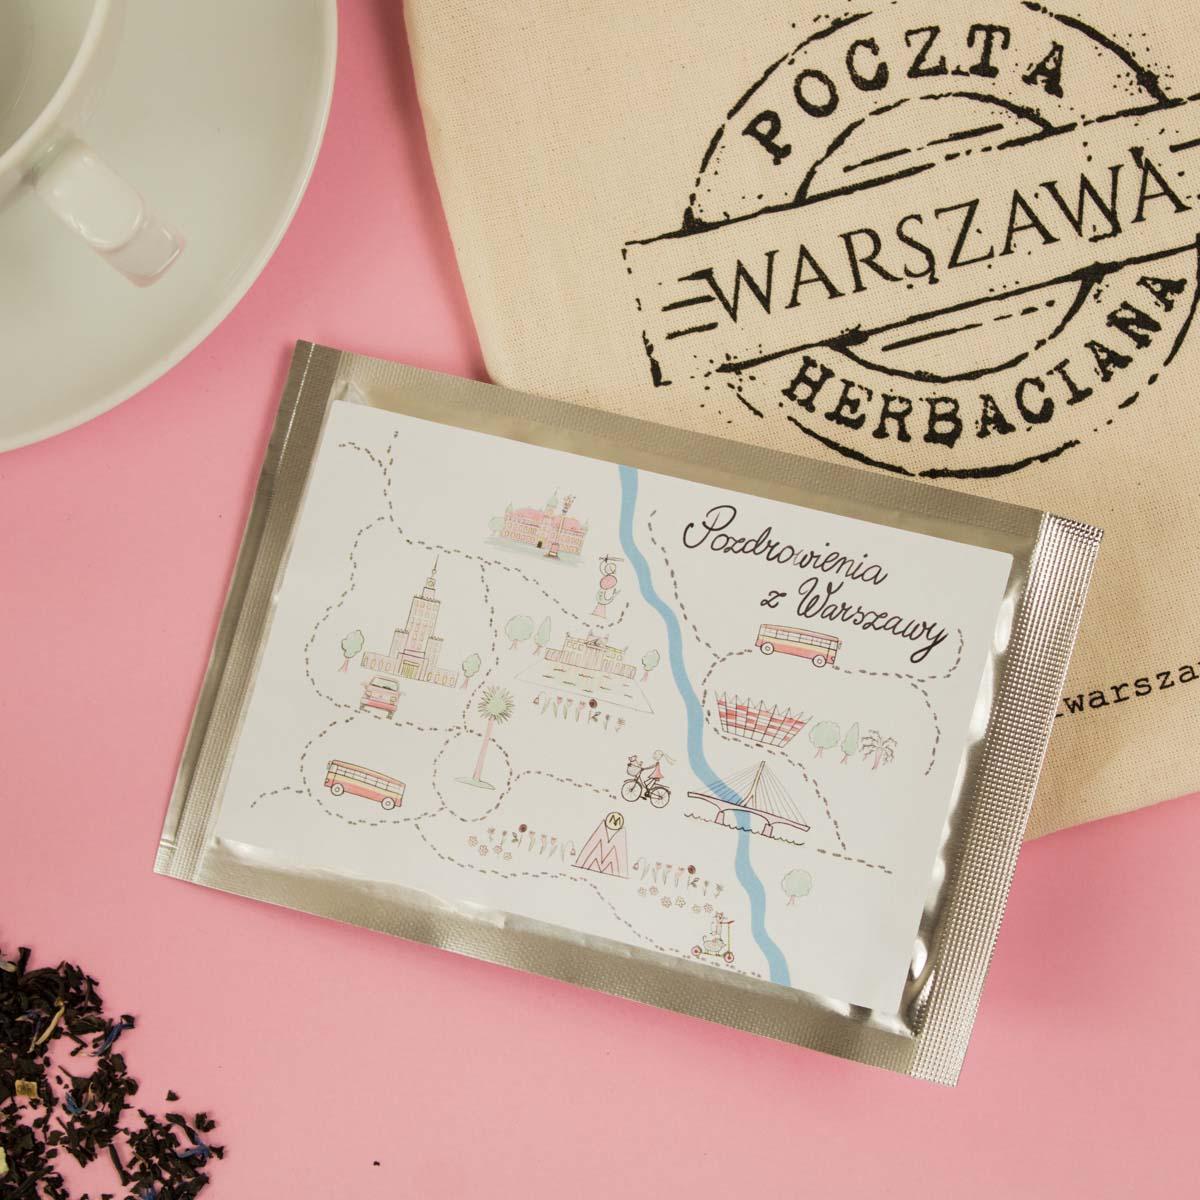 Pozdrowienia z Warszawy